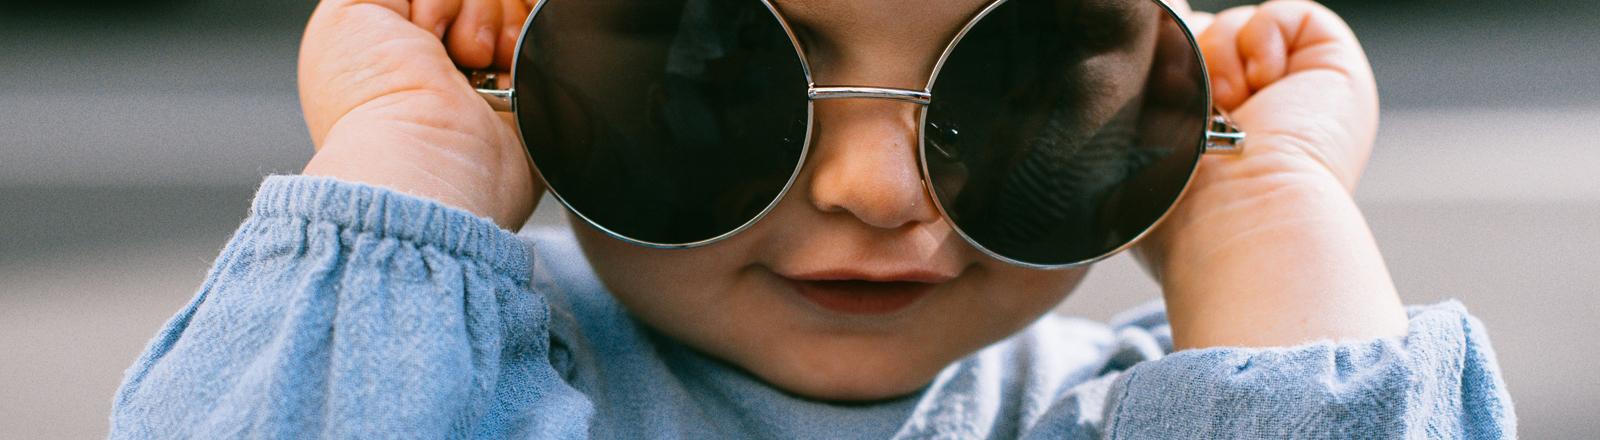 Ein Baby trägt eine Sonnenbrille.